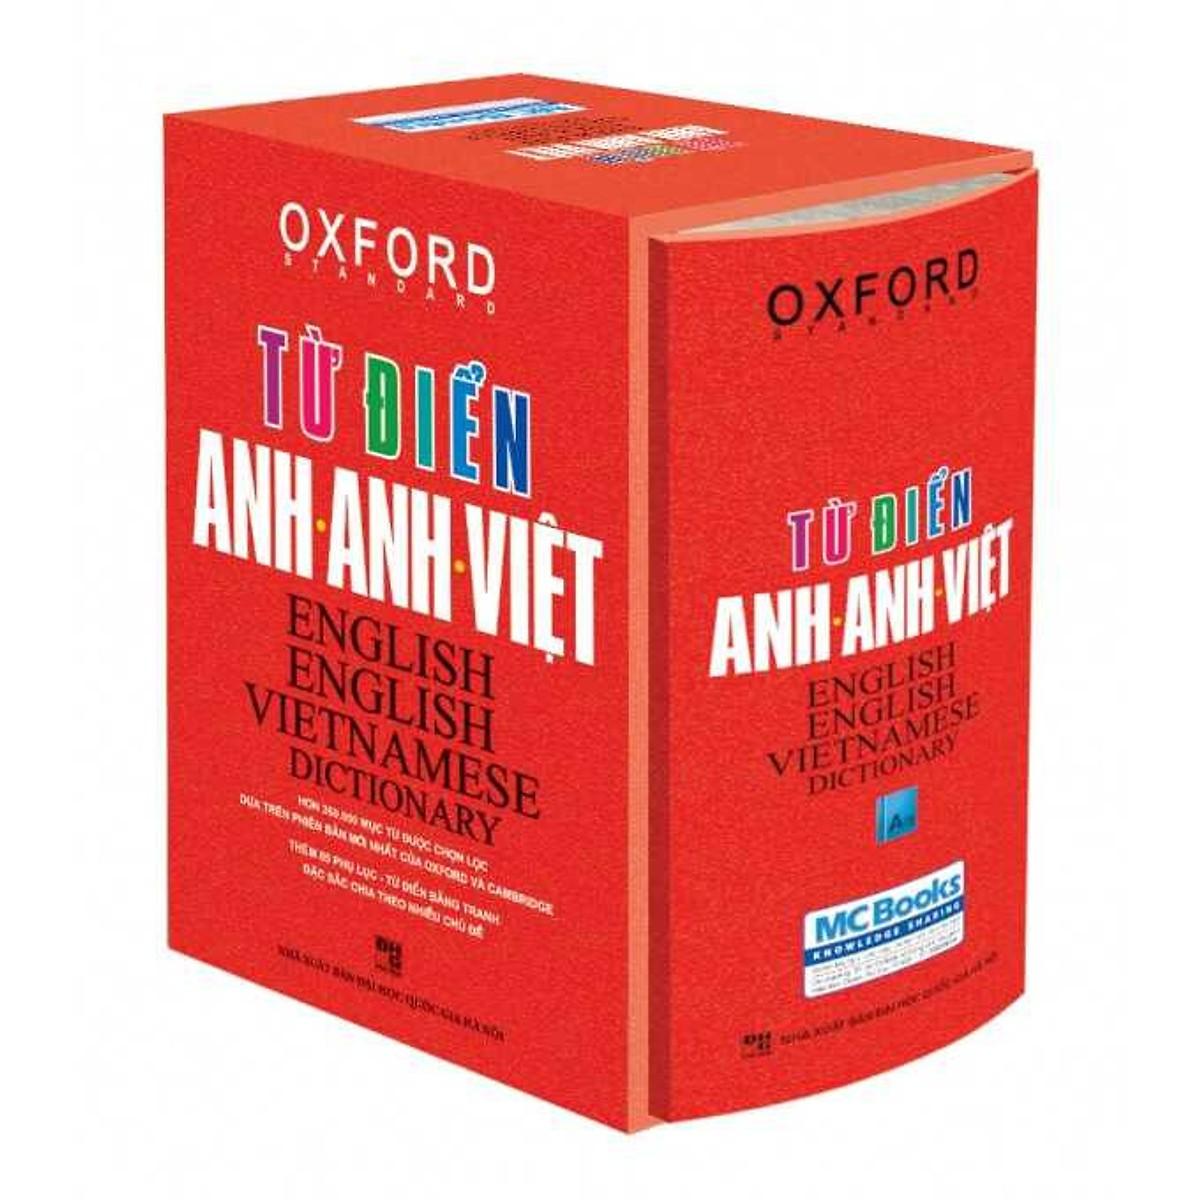 Từ điển Oxford Anh Anh Việt (tặng sổ tay mini dễ thương KZ)